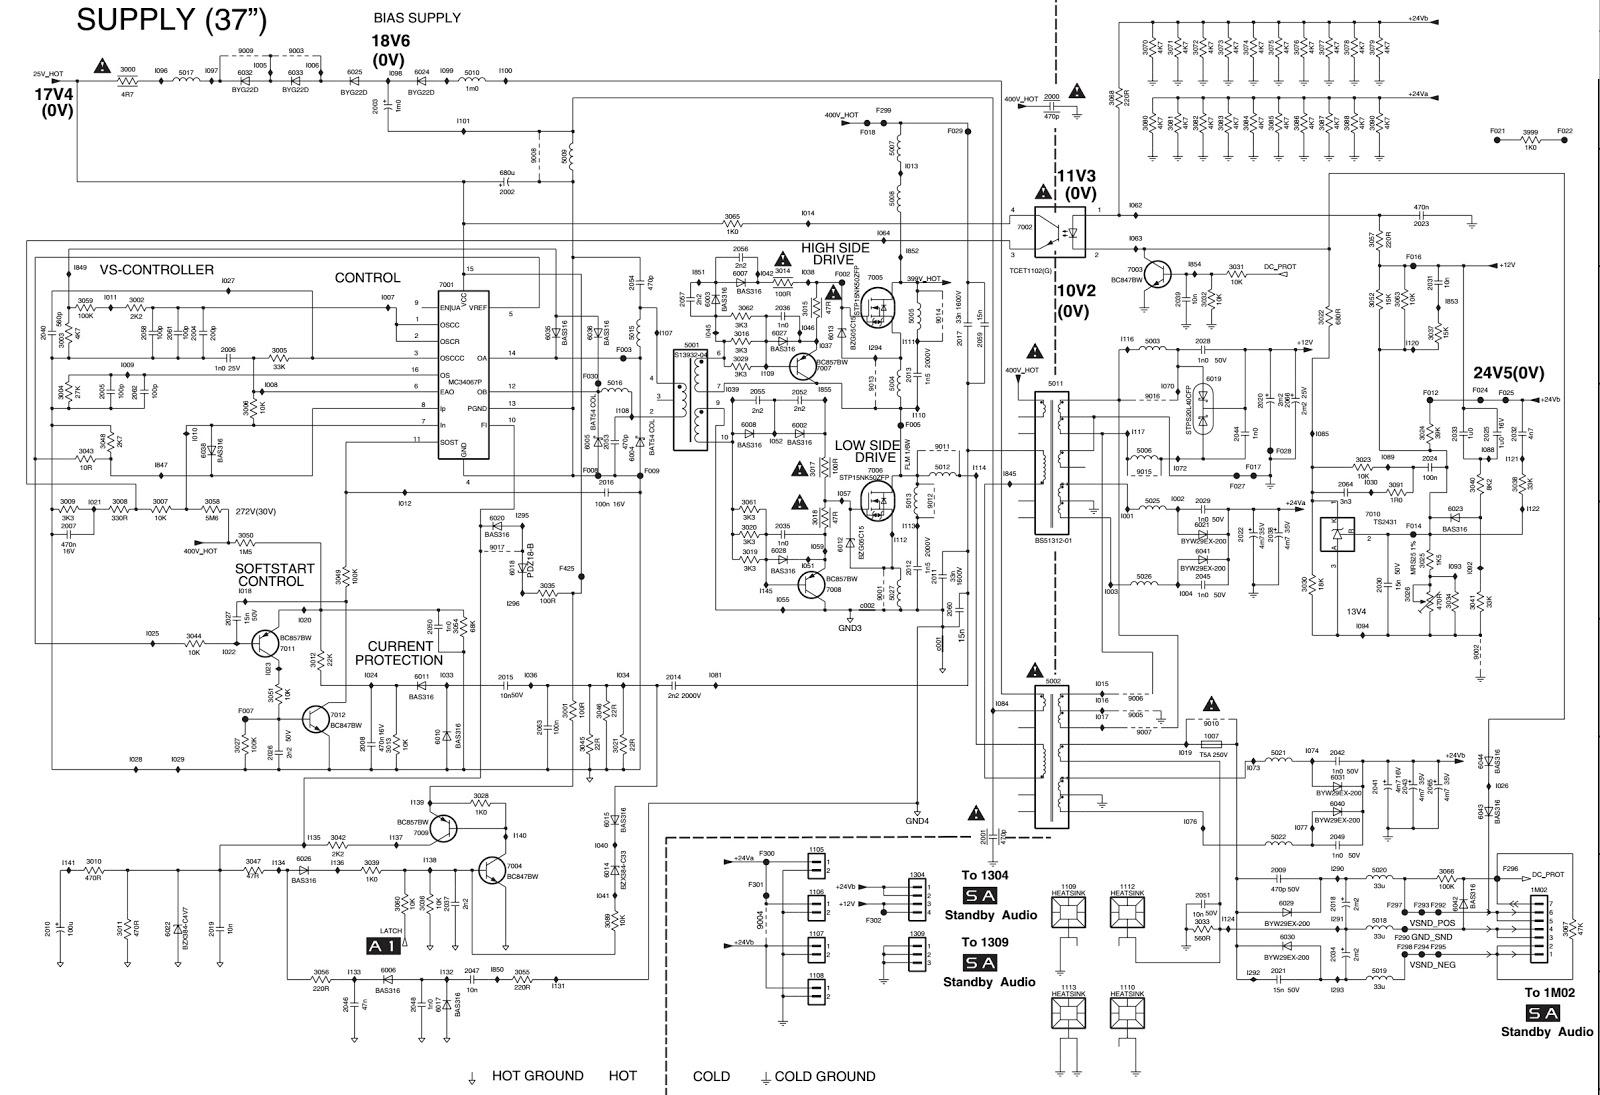 lg plasma tv block diagram